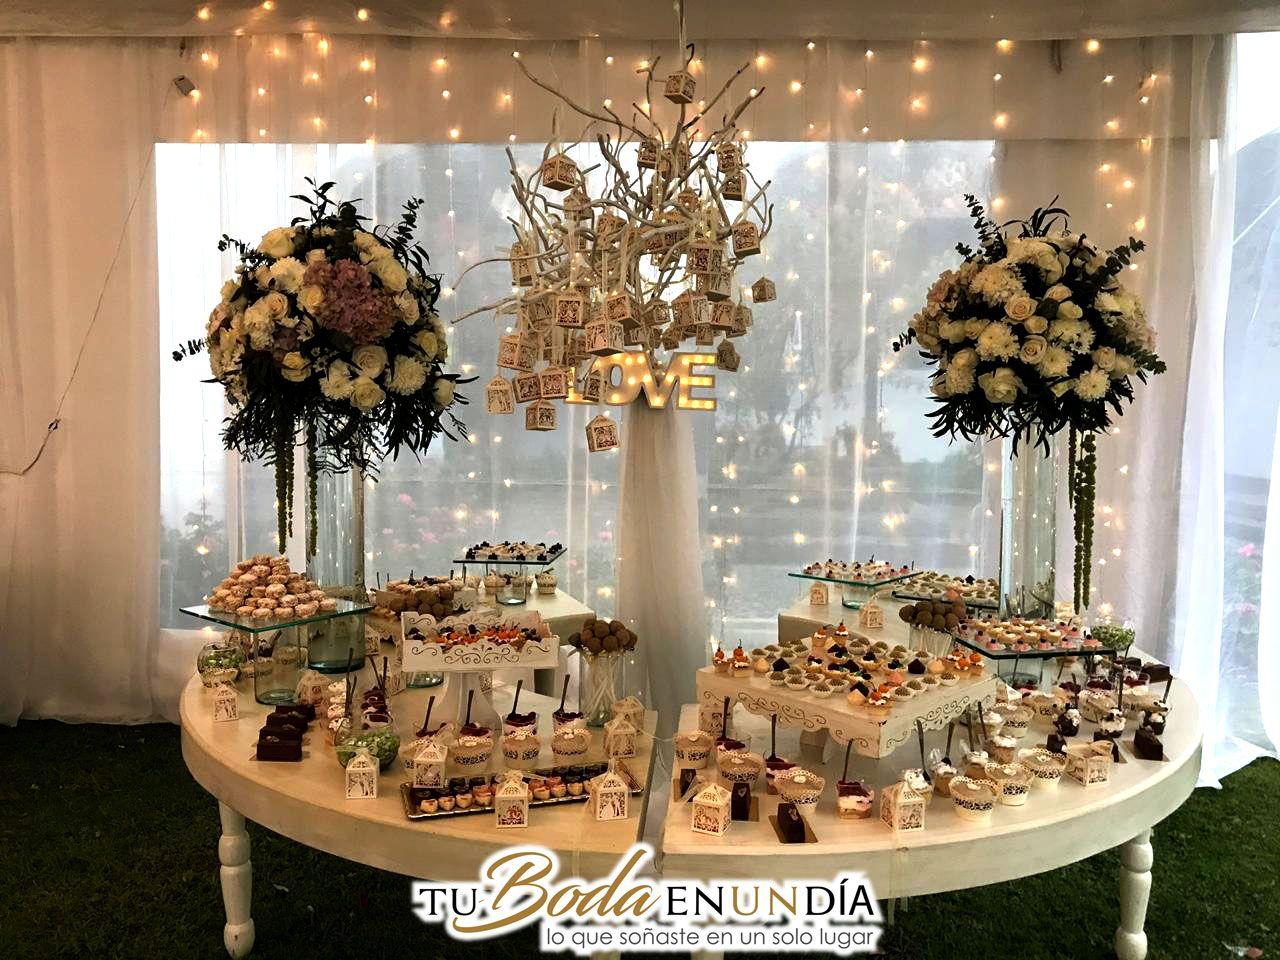 12+ Decoraciones para bodas inspirations